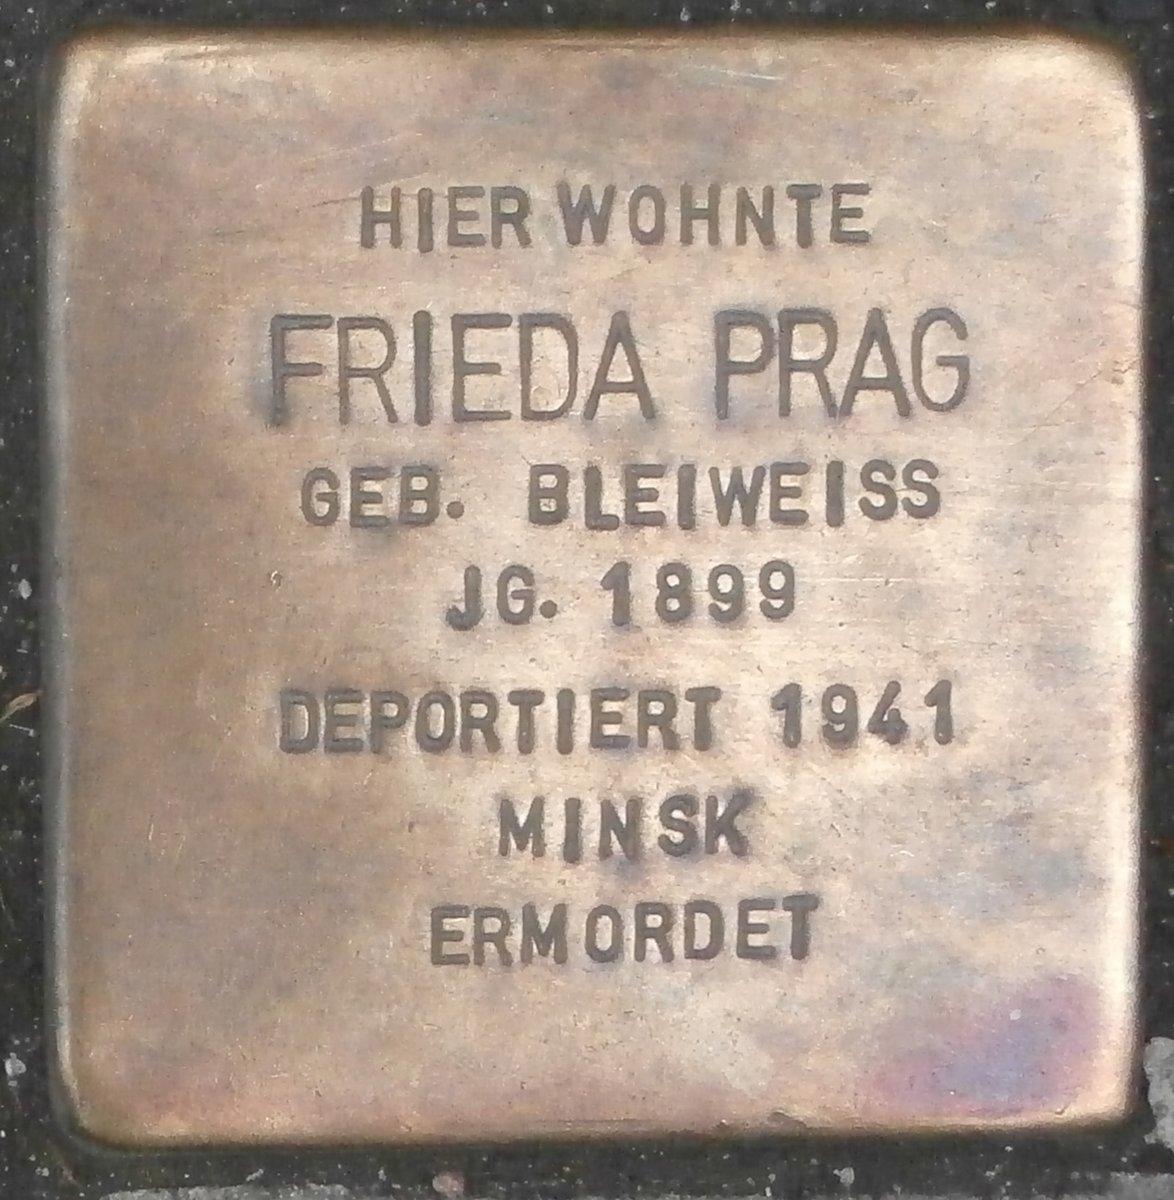 Frieda Prag geb. Bleiweiss wurde am 9.7.1899 in #Neumünster geboren. Vor dem II. Weltkrieg lebte sie in Hamburg (Wexstraße). Am 8.11.1941 wurde sie nach Minsk, Weißrussland (UdSSR) deportiert und dort ermordet. In Hamburg ist ein Stolperstein verlegt, in Neumünster bisher nicht. pic.twitter.com/rPRVsXyeX3  by -